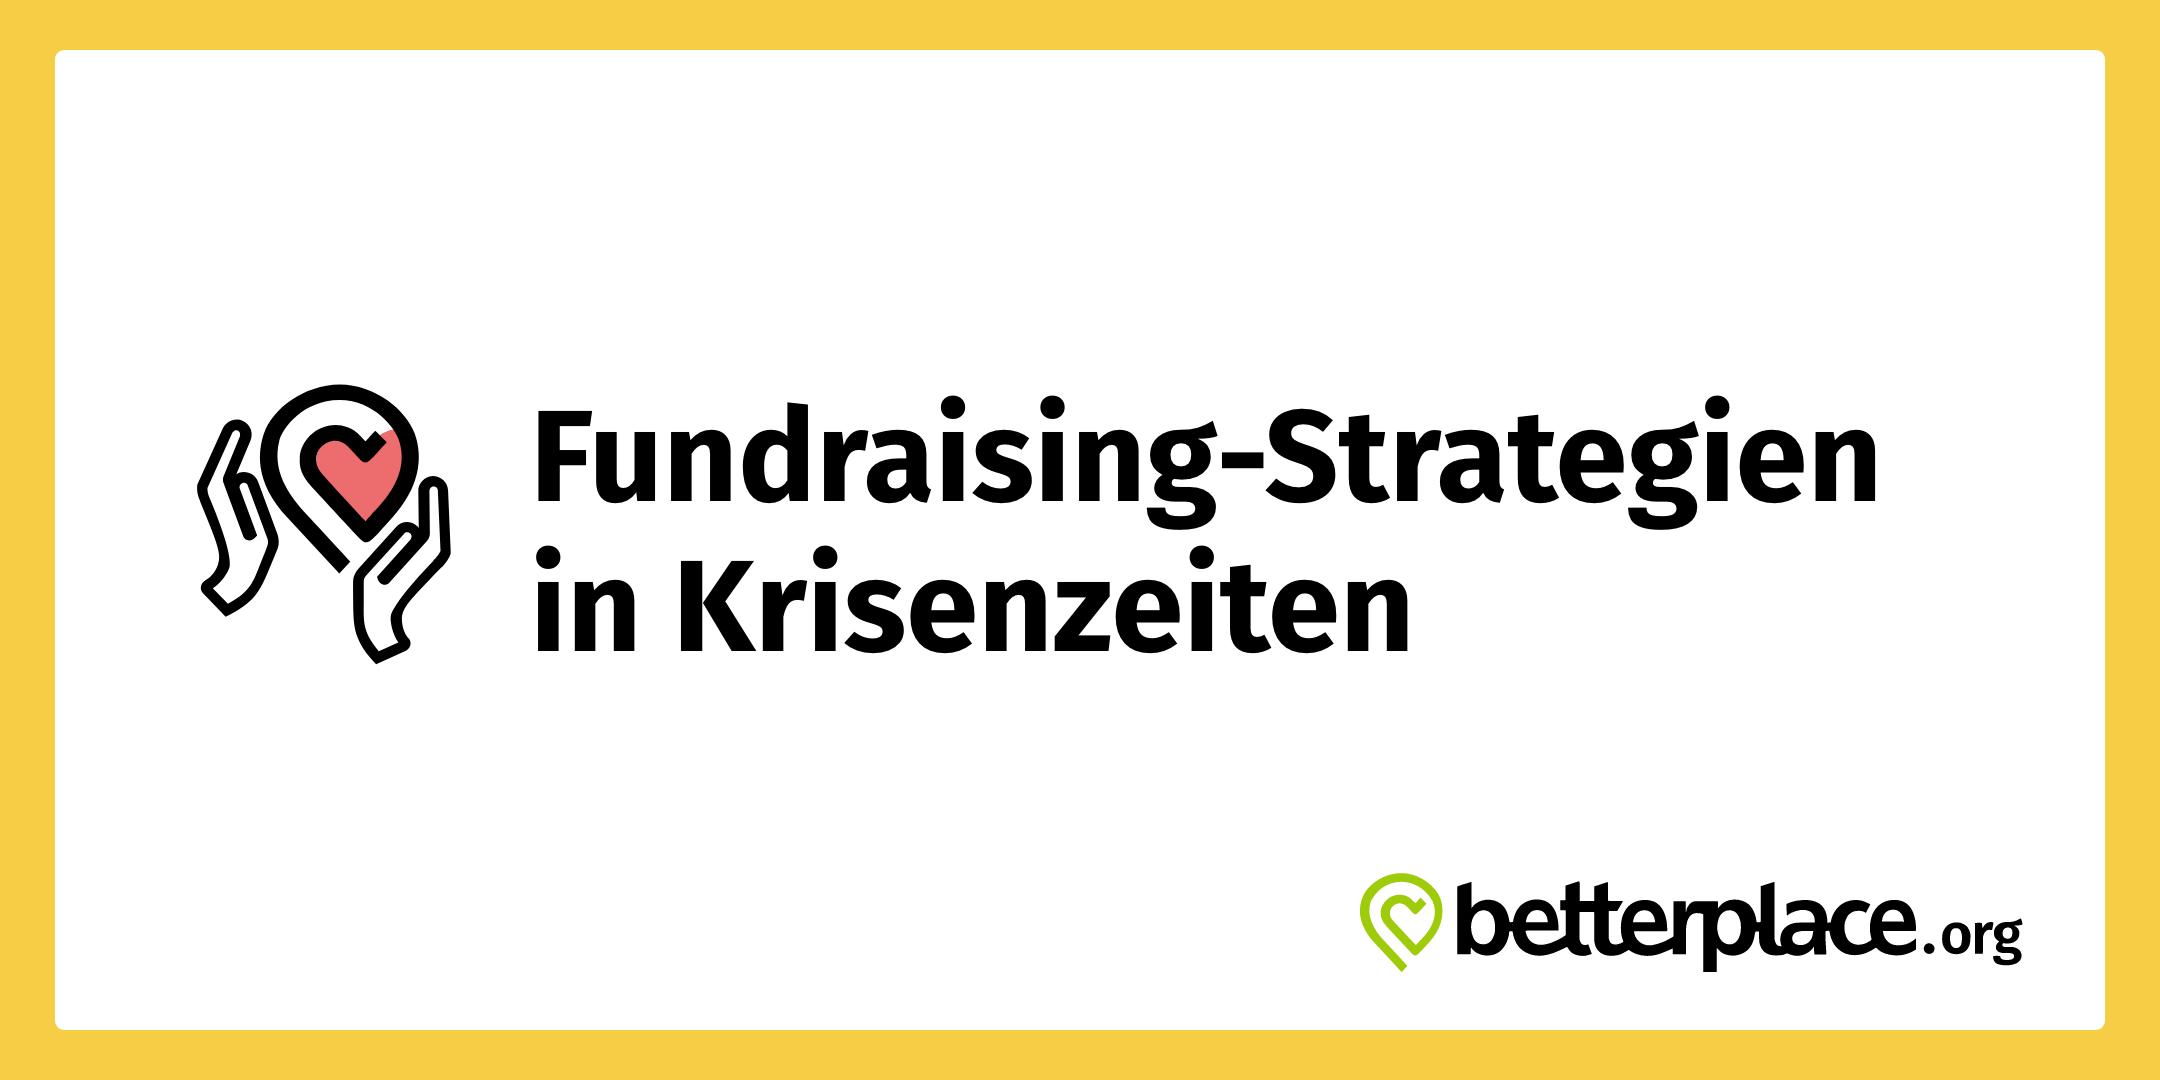 betterplace.org Fundraising-Strategien in Krisenzeiten